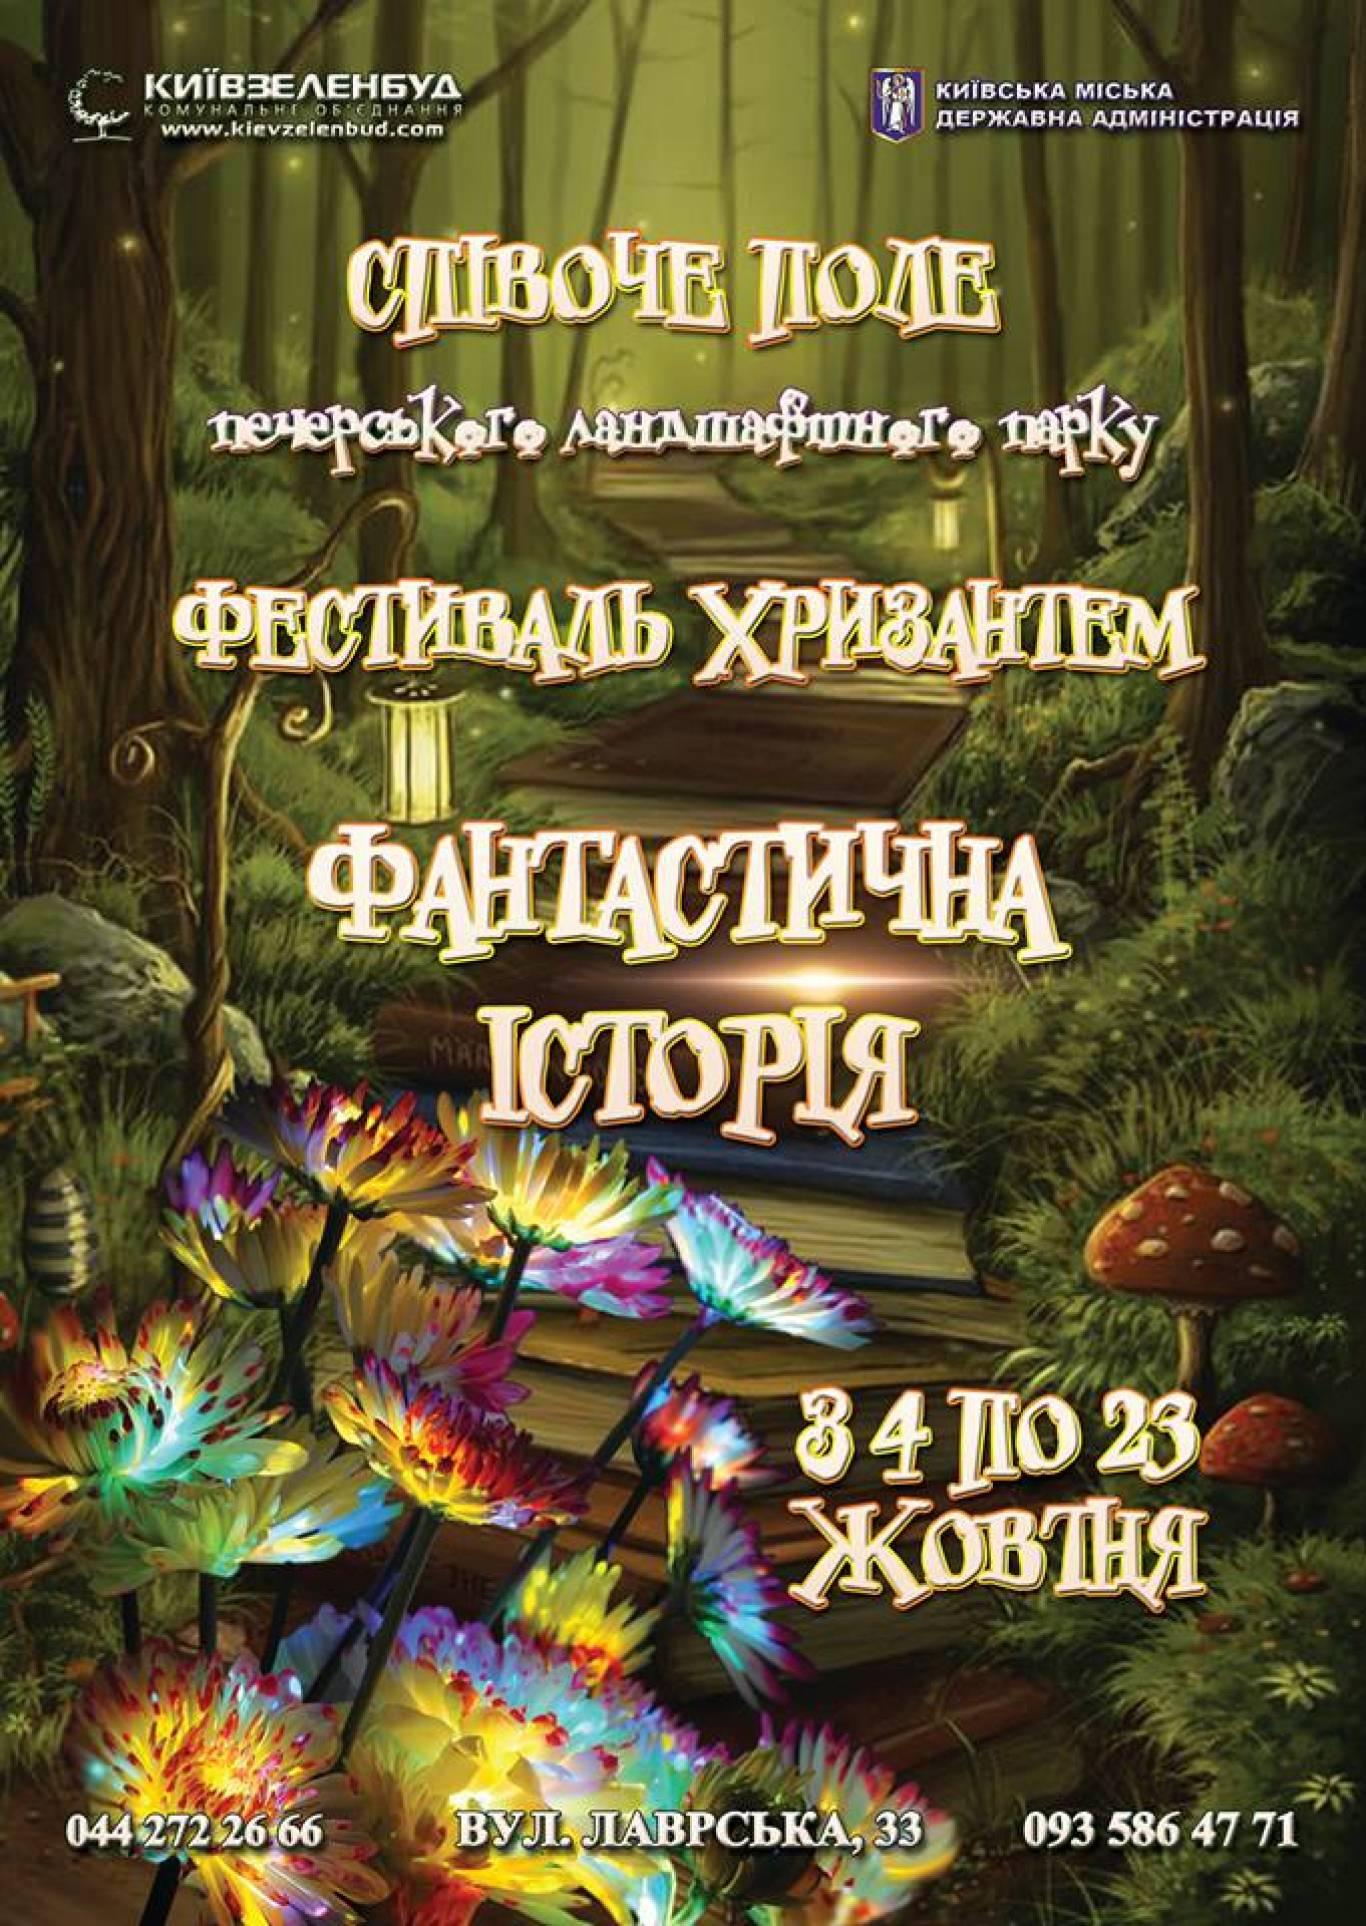 """Співоче поле: Фестиваль хризантем """"Фантастична історія"""""""